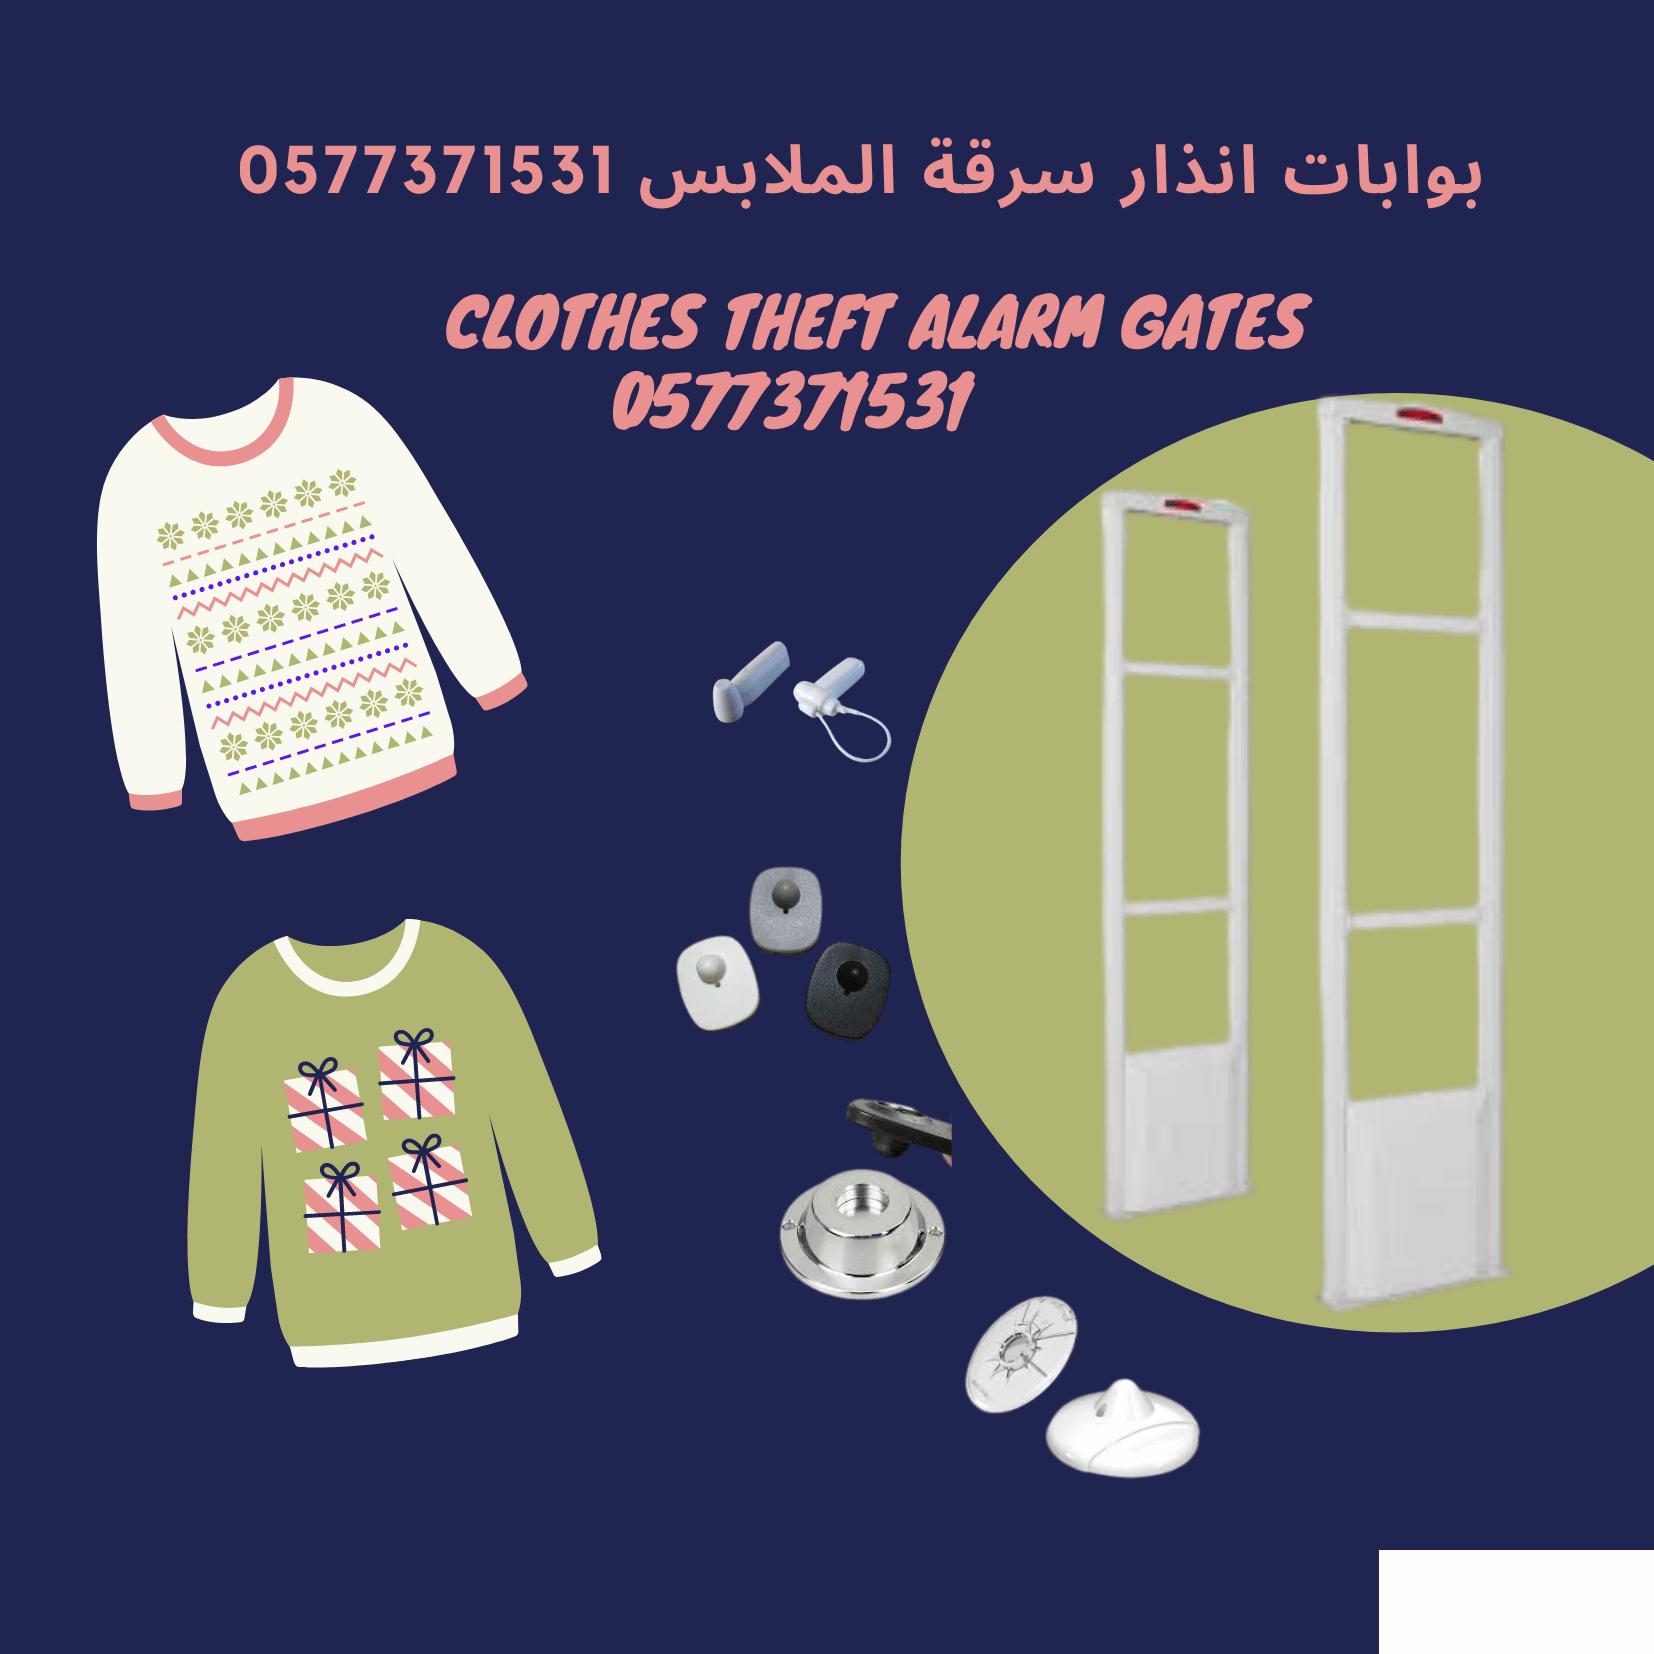 جهاز منع سرقة الملابس والمحلات التجارية/بوابات امنية